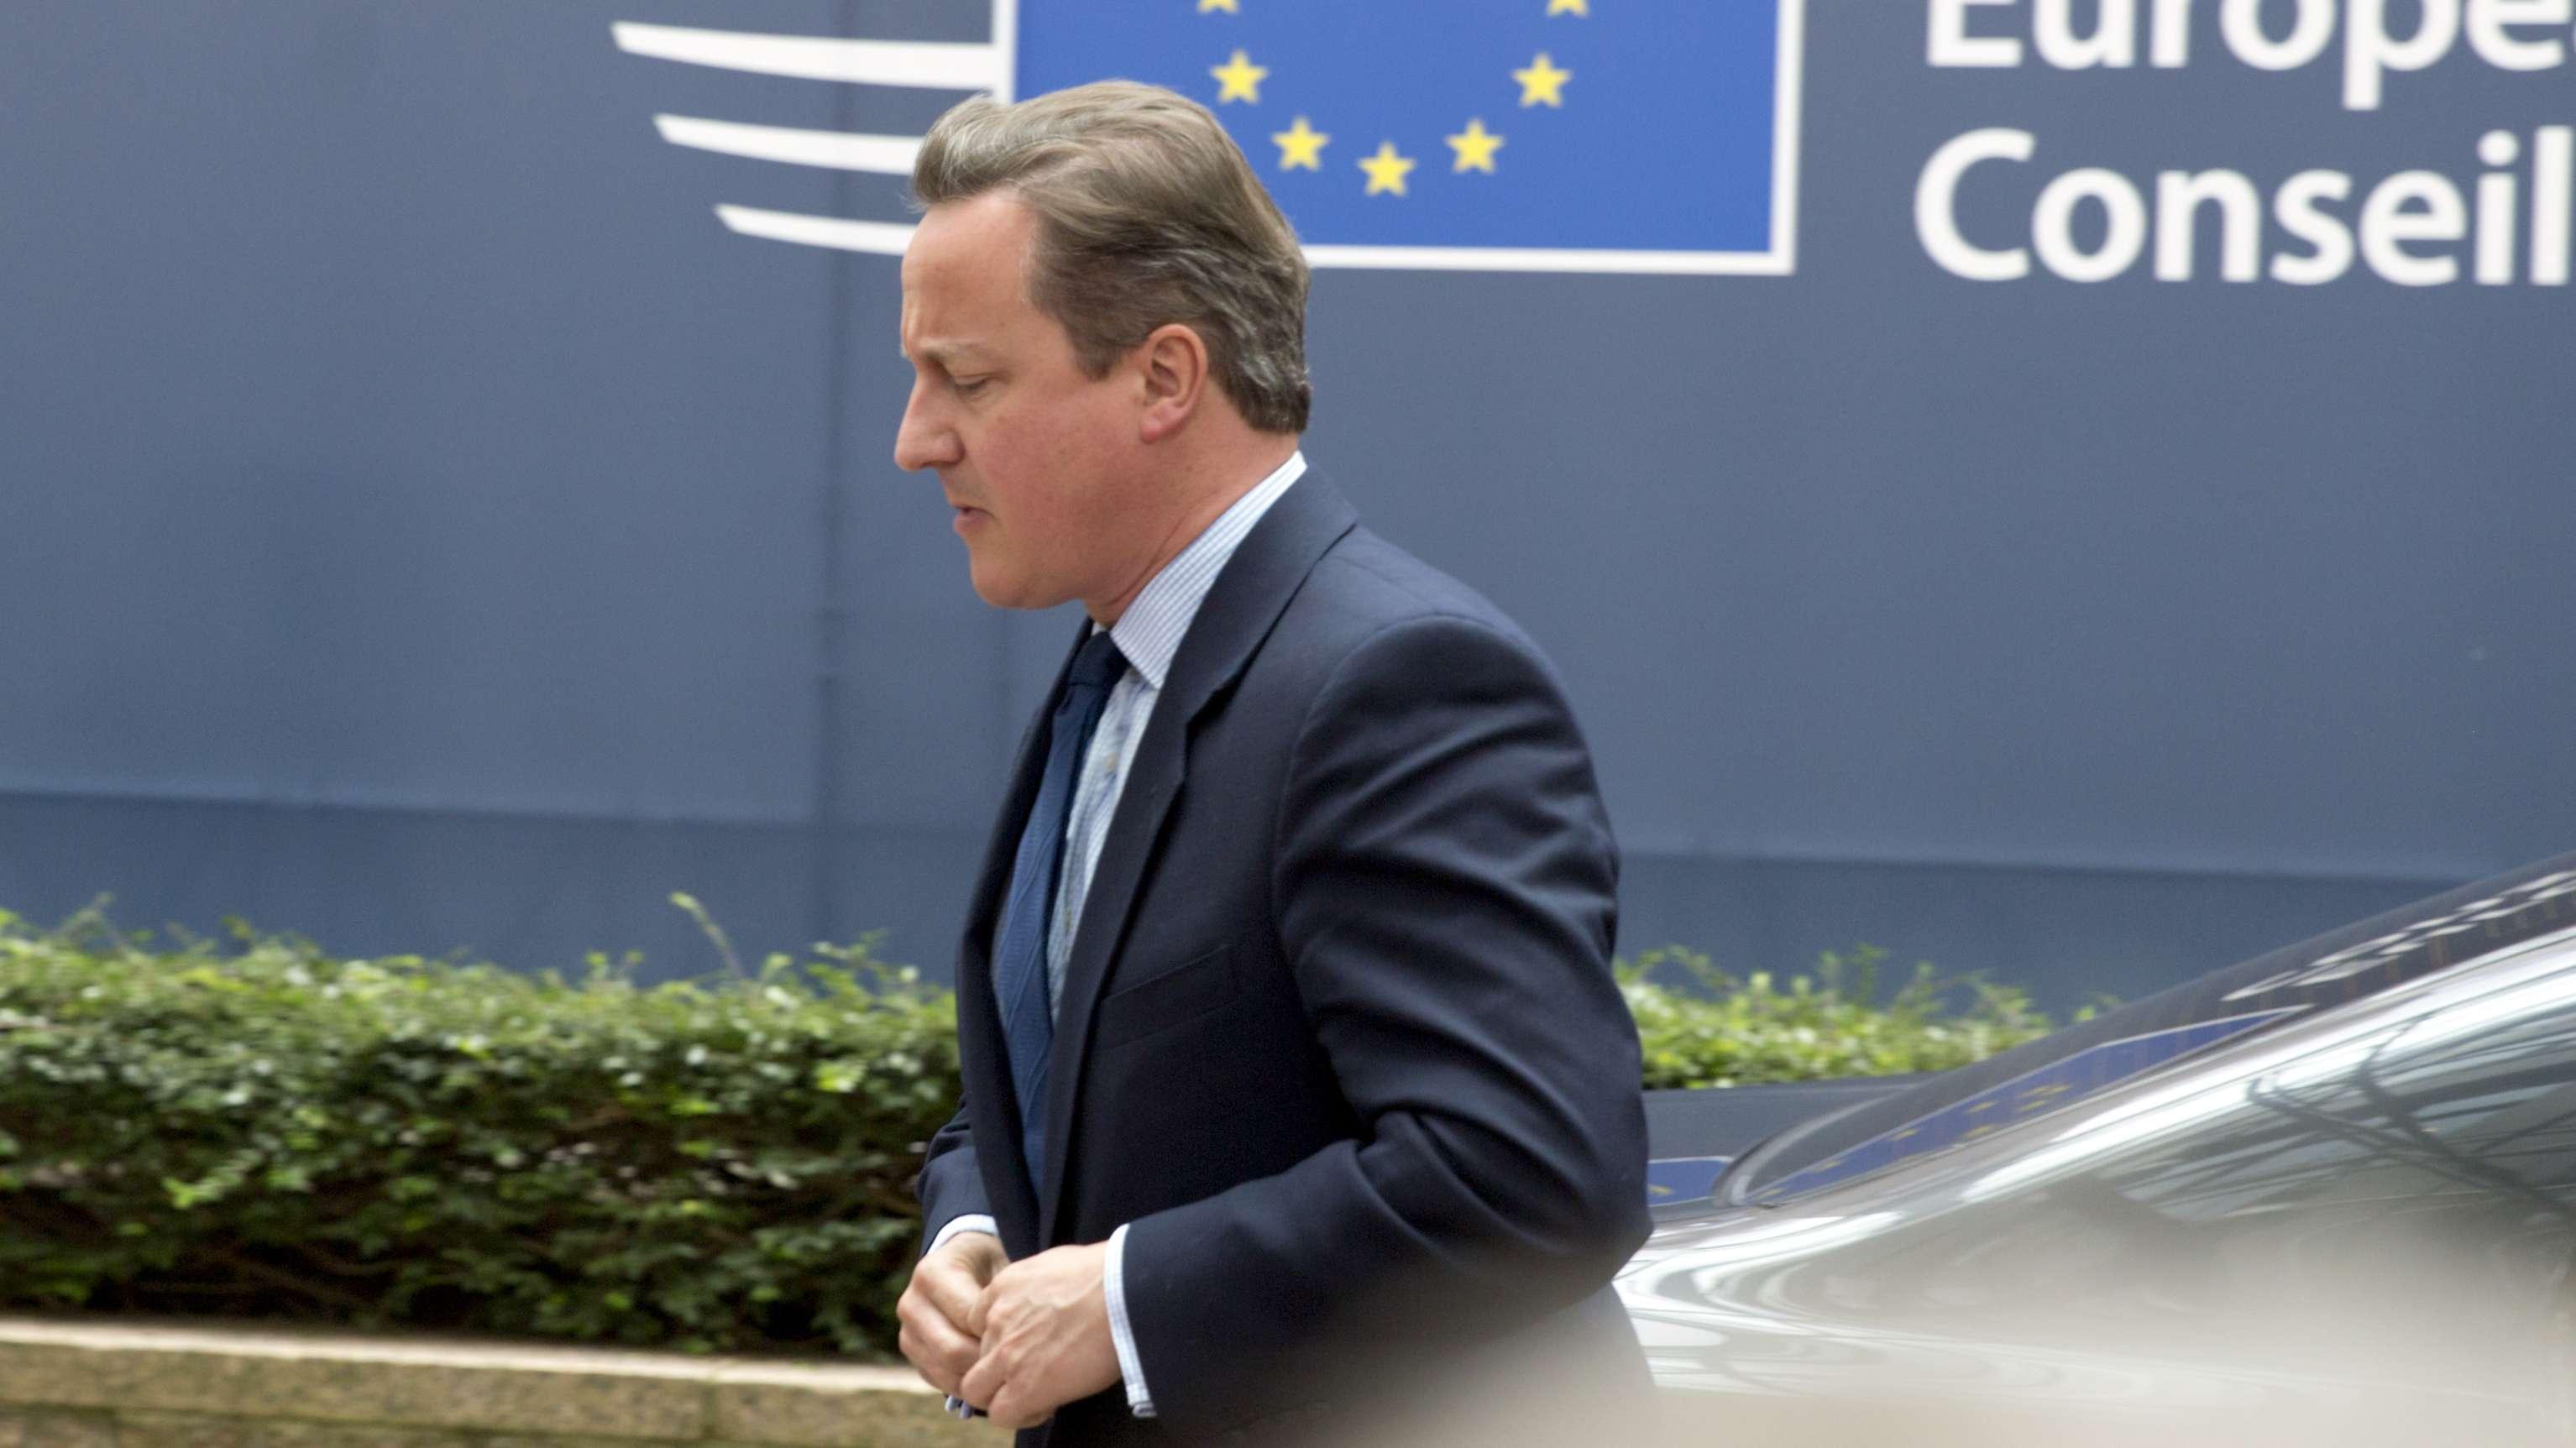 Großbritanniens ehemaliger Premierminister David Cameron